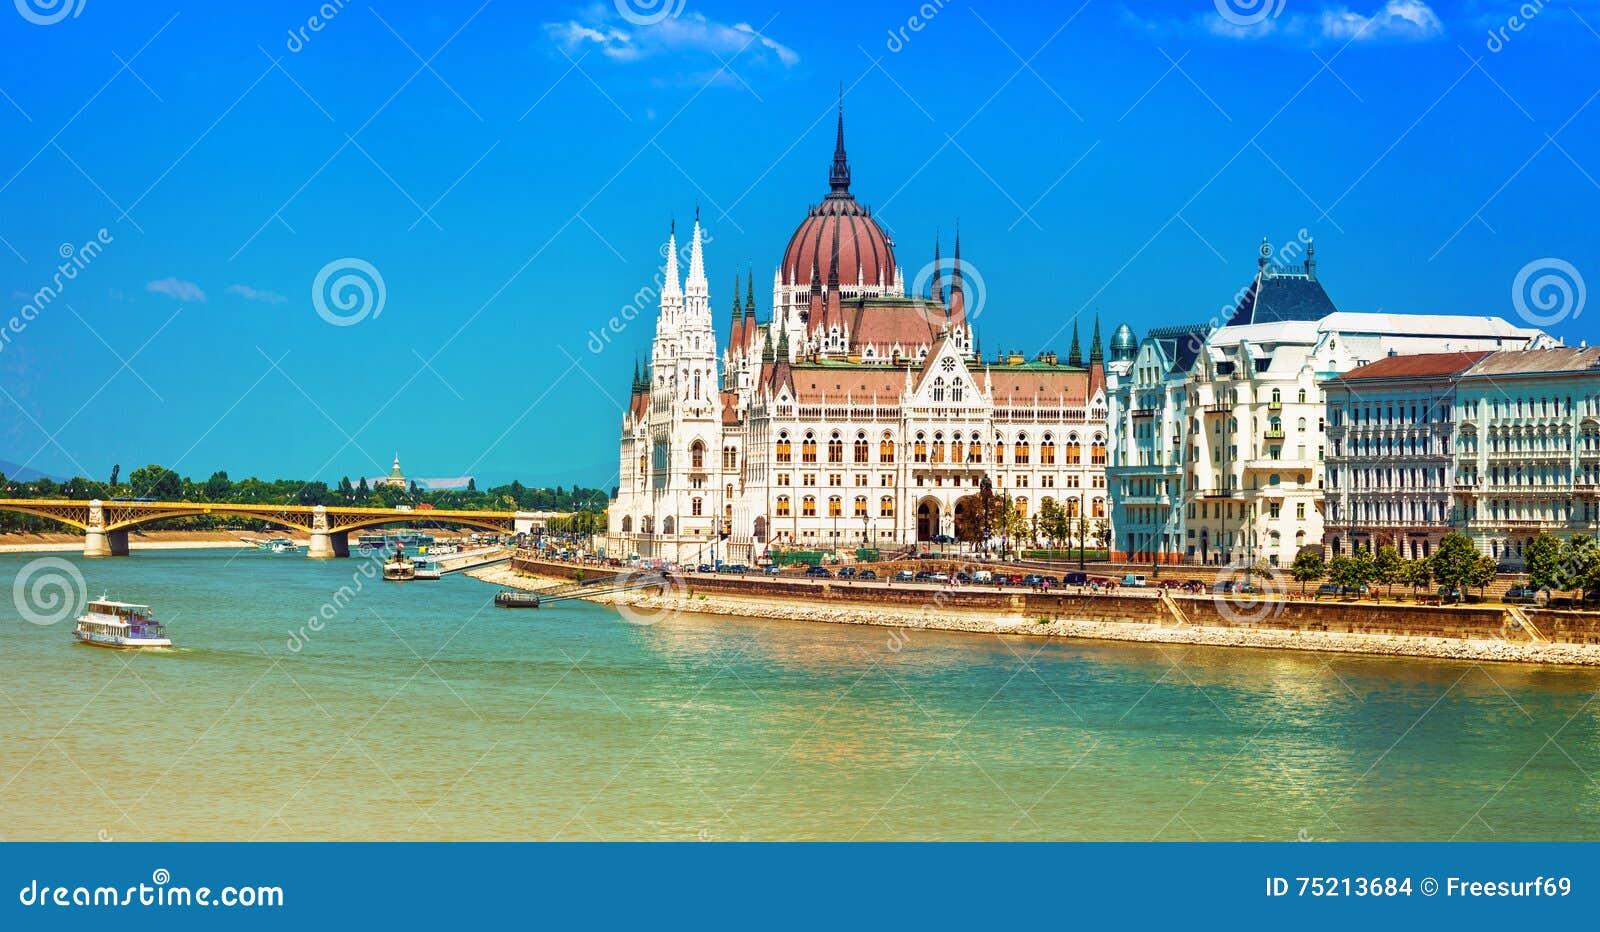 Ευρωπαϊκά ορόσημα - το όμορφο Κοινοβούλιο στη Βουδαπέστη, Ουγγαρία